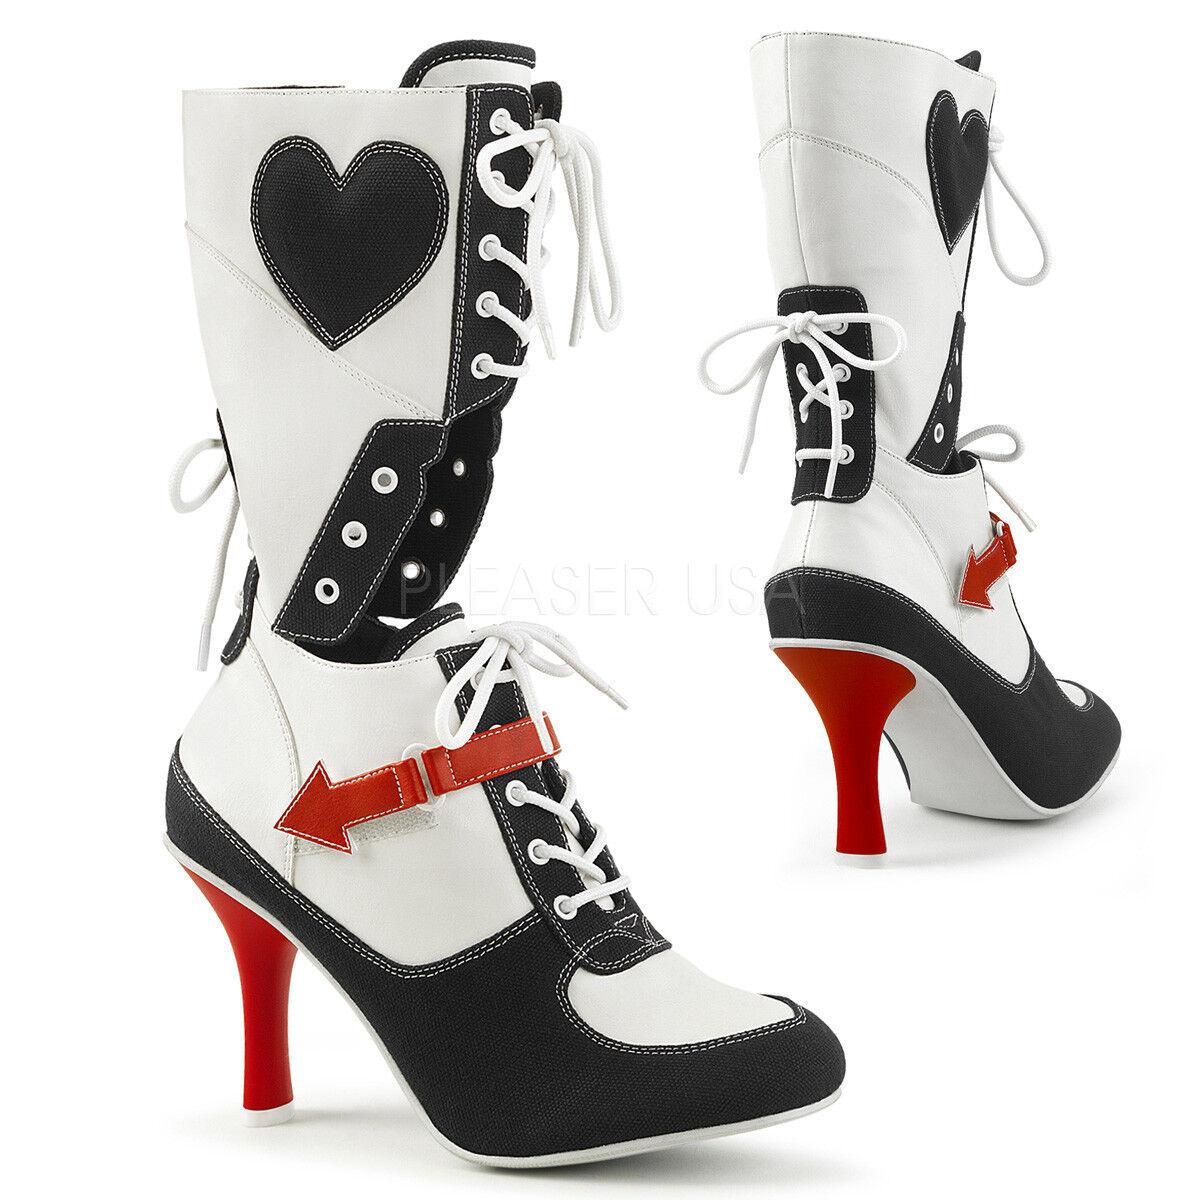 in vendita PLEASER Funtasma ARBITRO - 200 Nero biancared Sports Costume Metà Metà Metà Polpaccio Stivali  Sconto del 70%